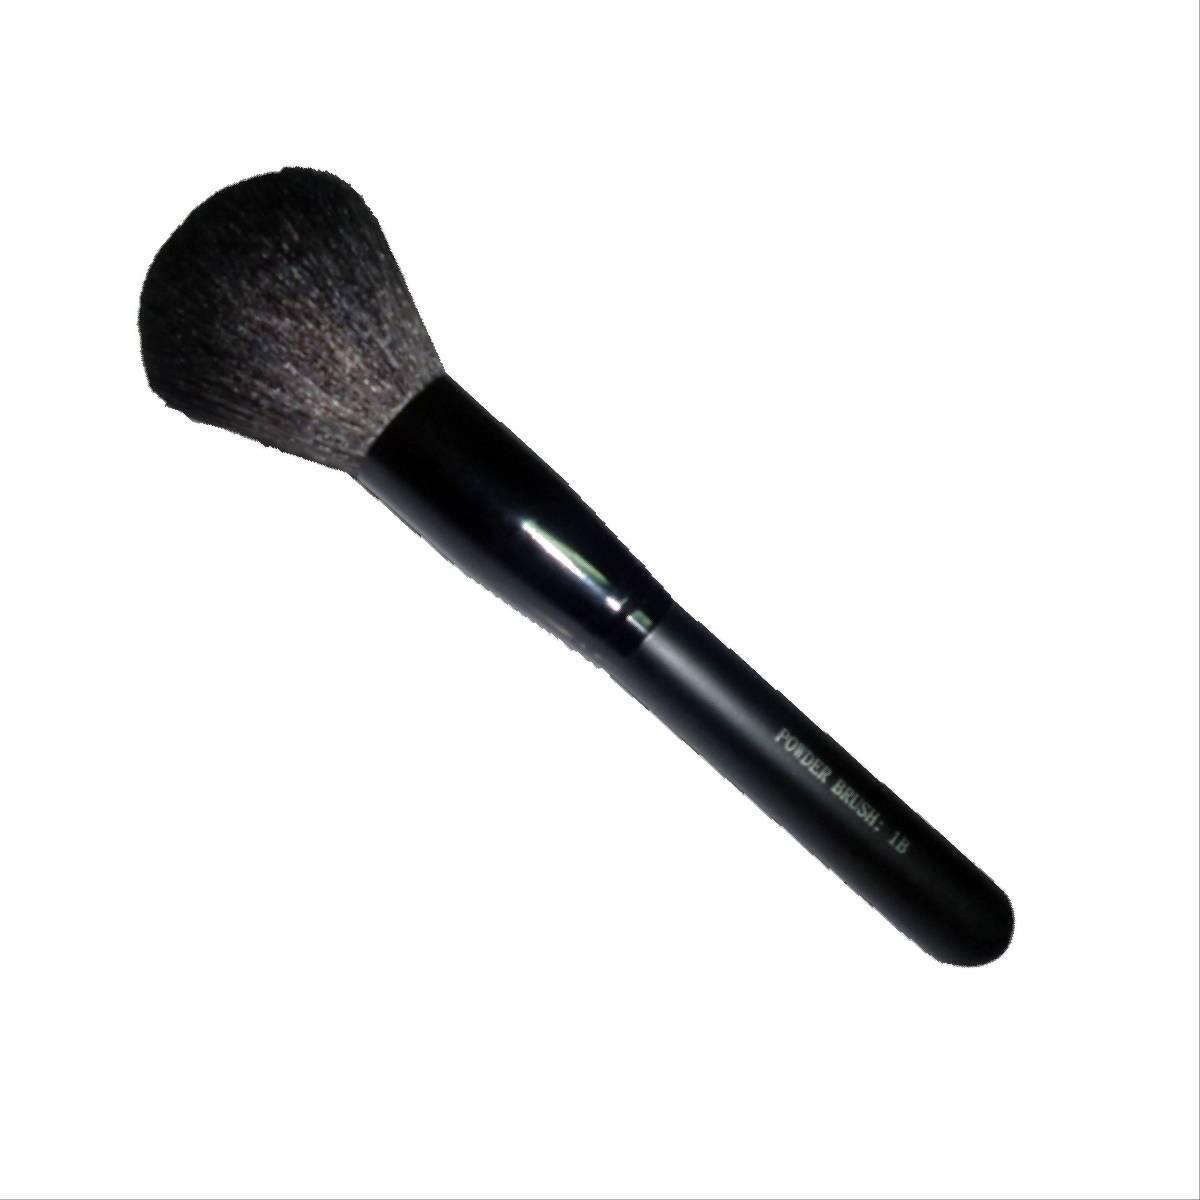 Powder Brush-berfungsi Mengaplikasikan Bedak Tabur Ke Wajah